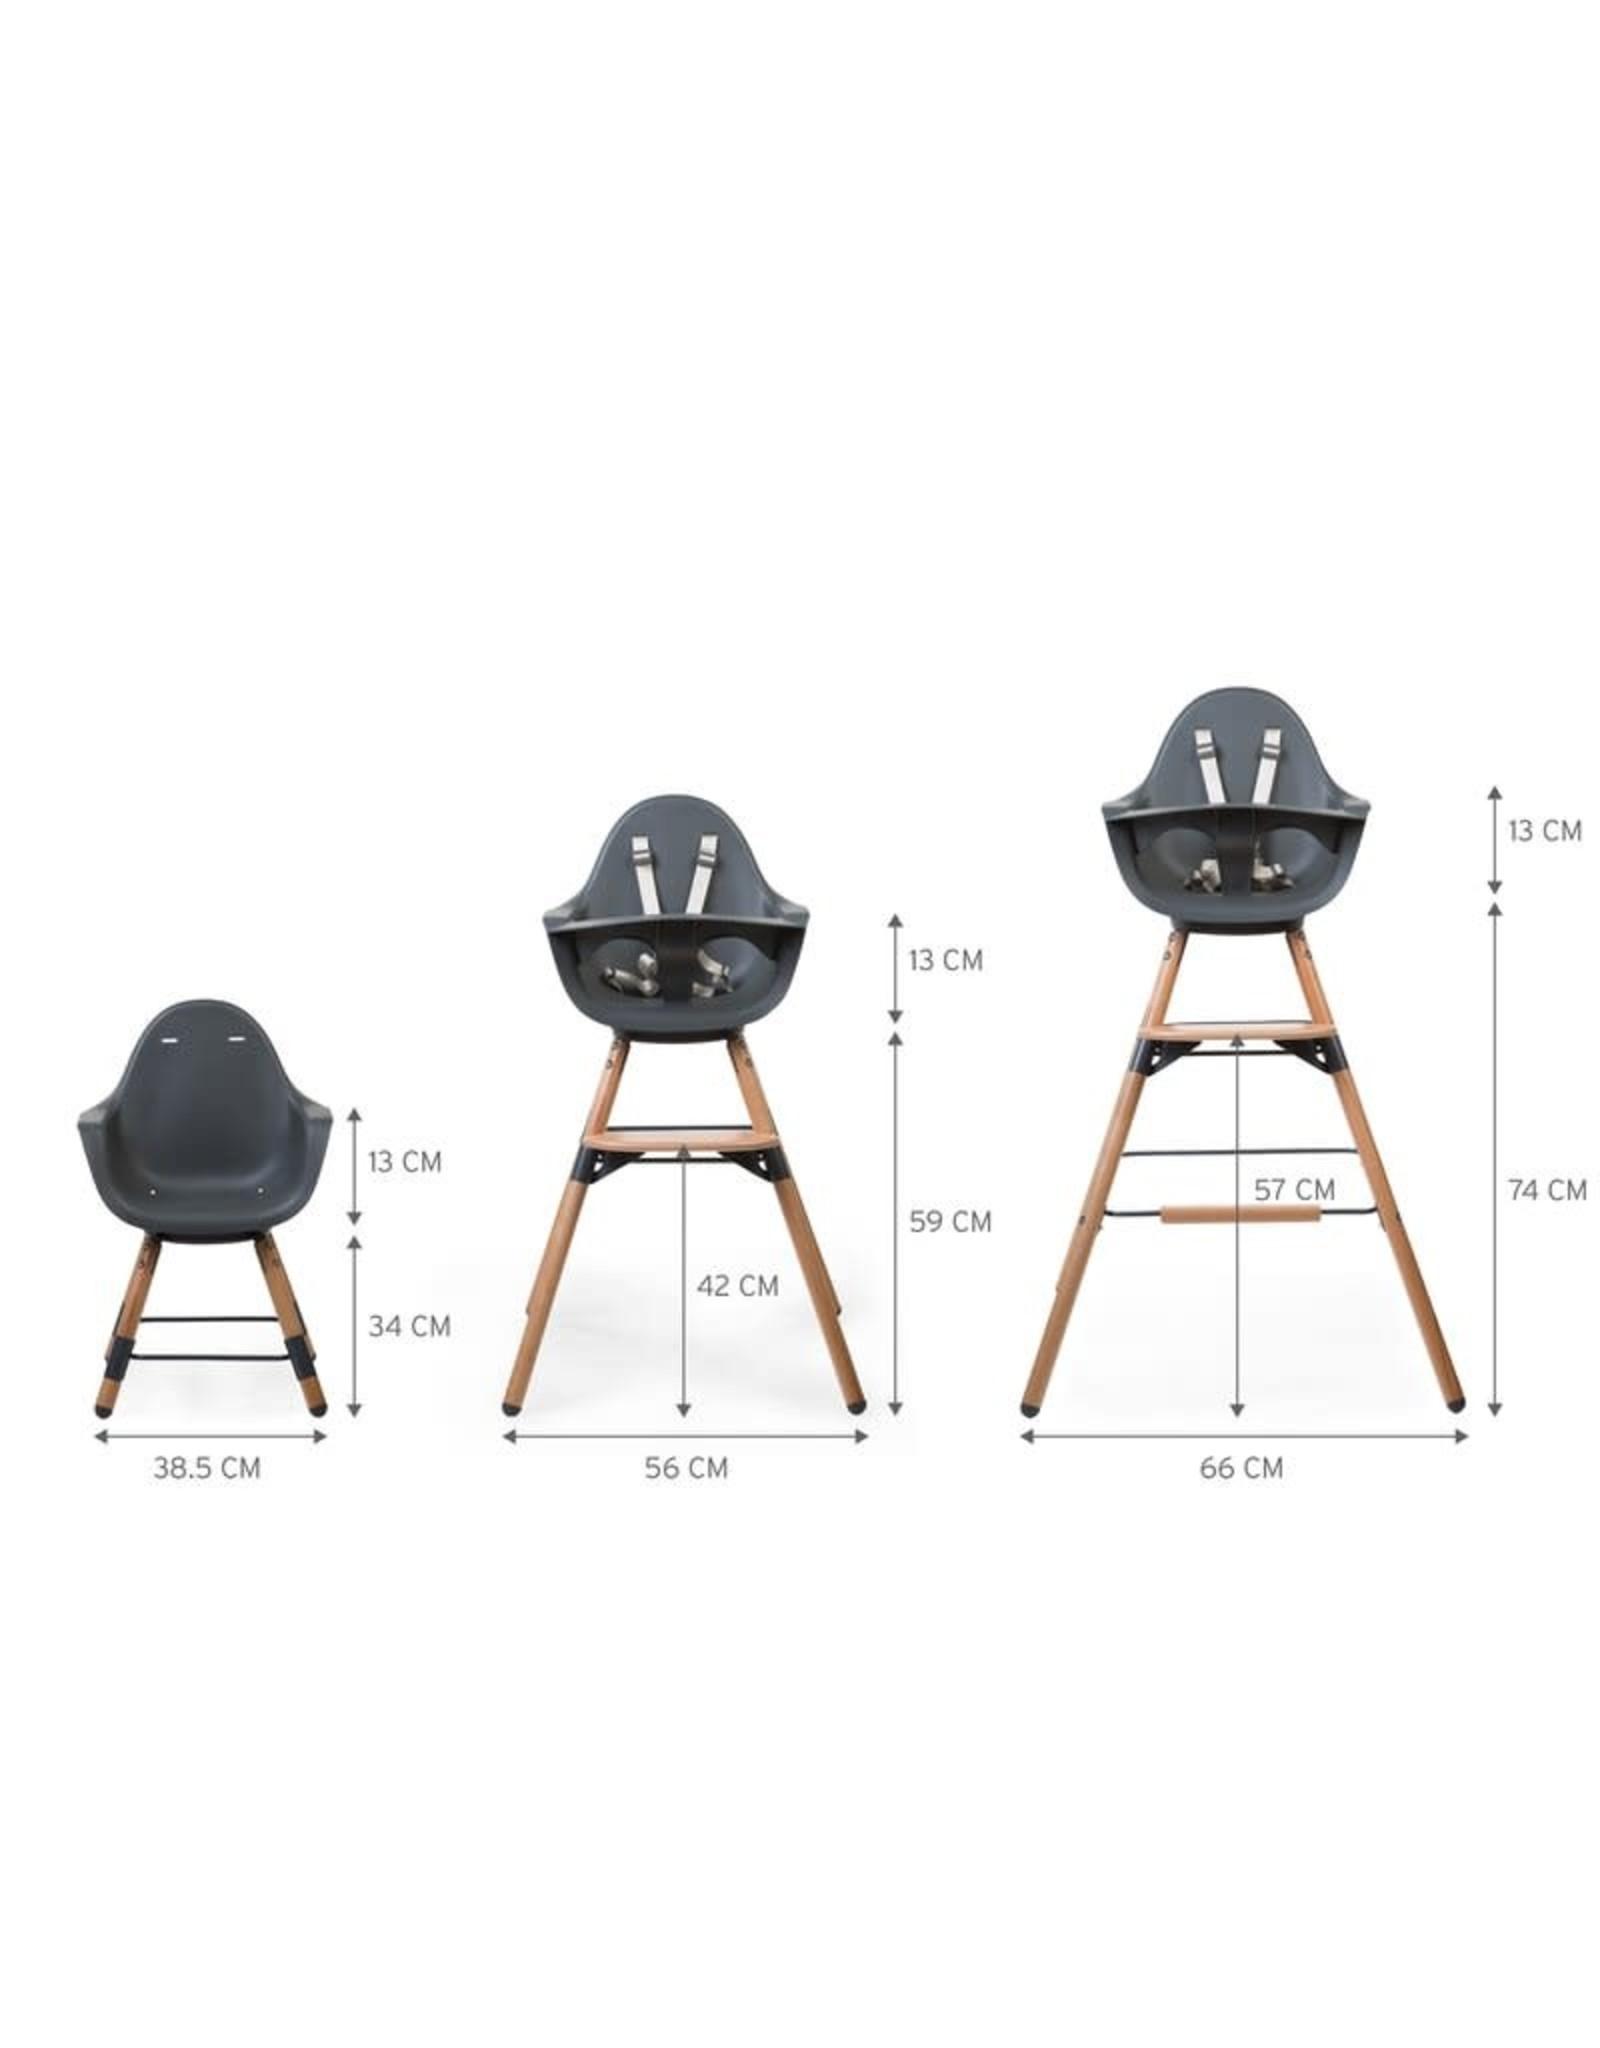 Childhome Childhome Evolu One.80° Kinderstoel - Verstelbaar In Hoogte (50-75 Cm/*90 Cm) - Naturel Antracie